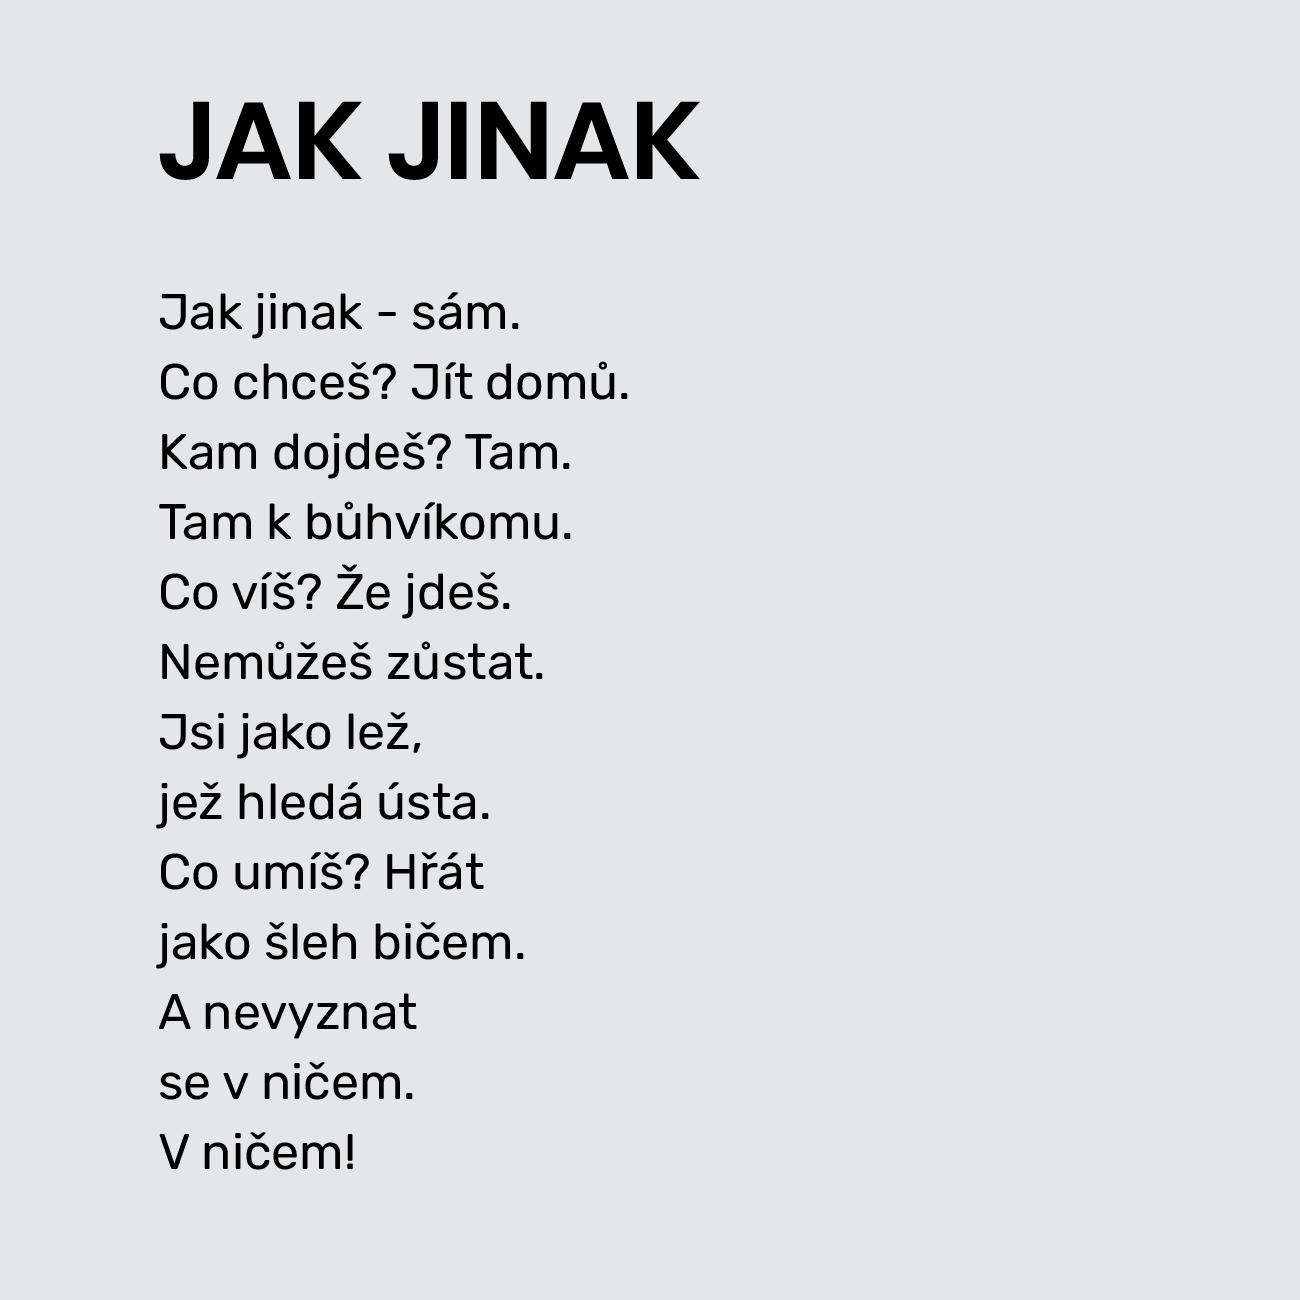 JAK JINAK